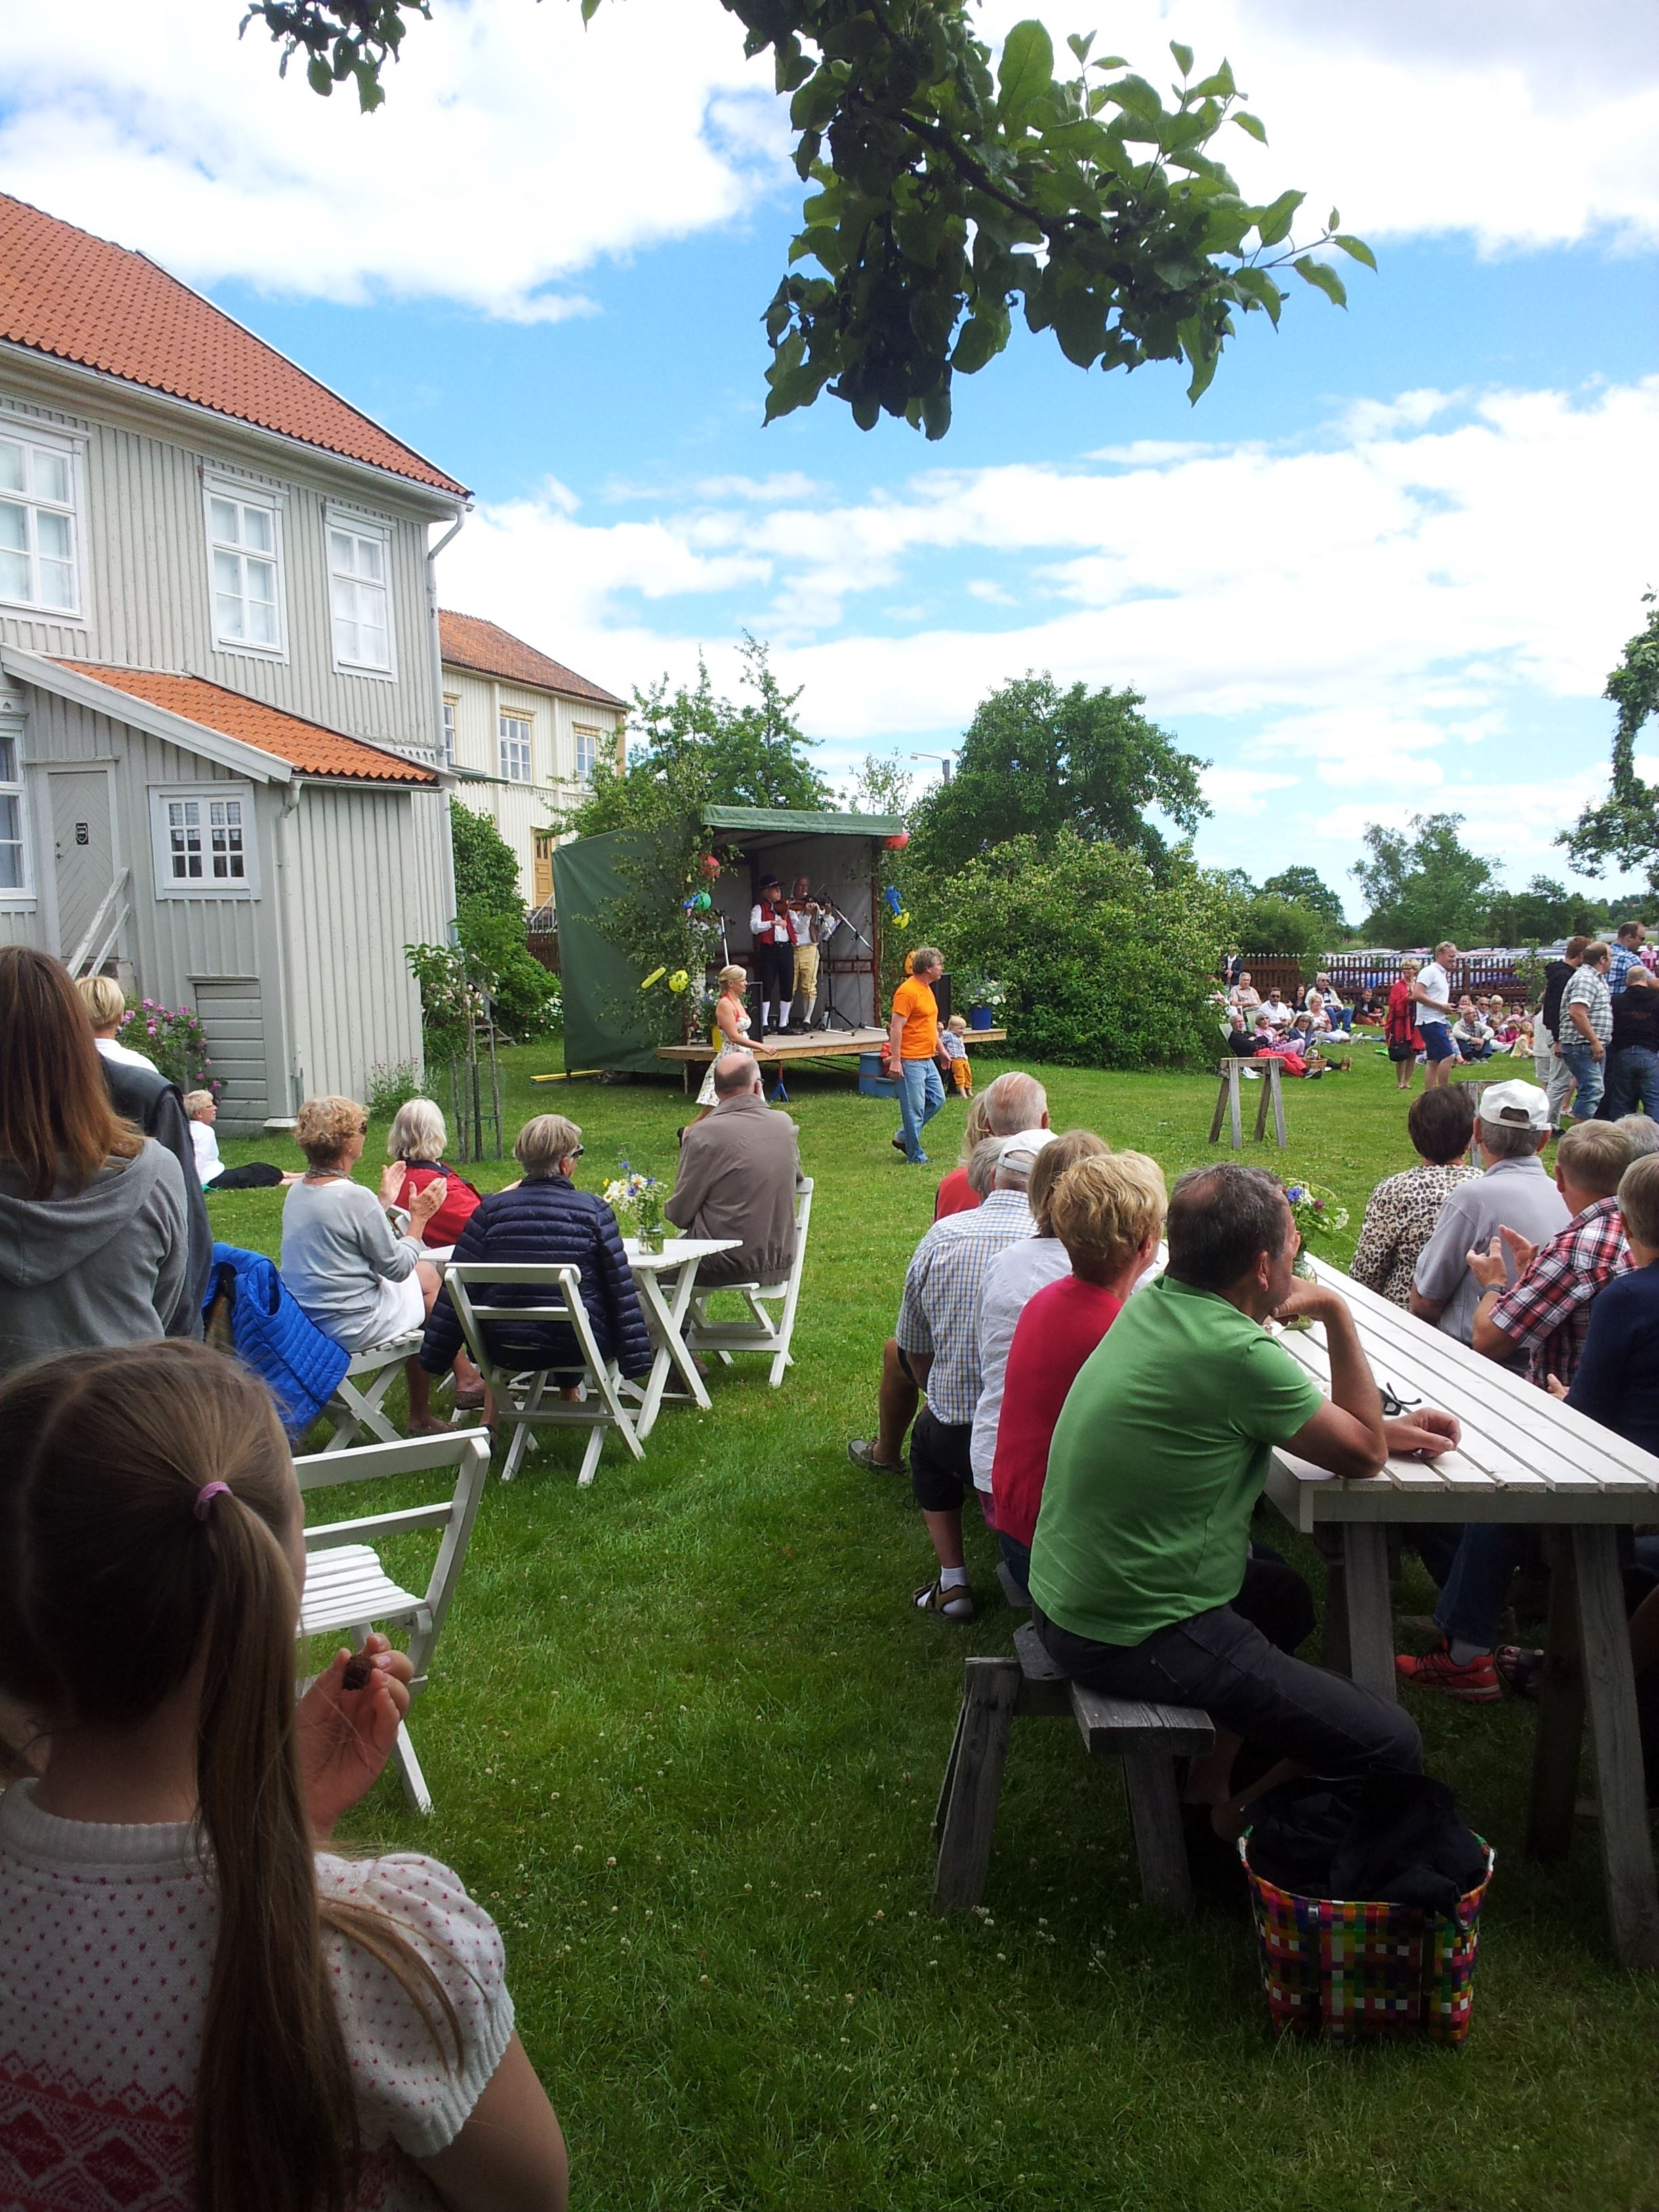 Lillelördag i Hullgrensgårdens trädgård